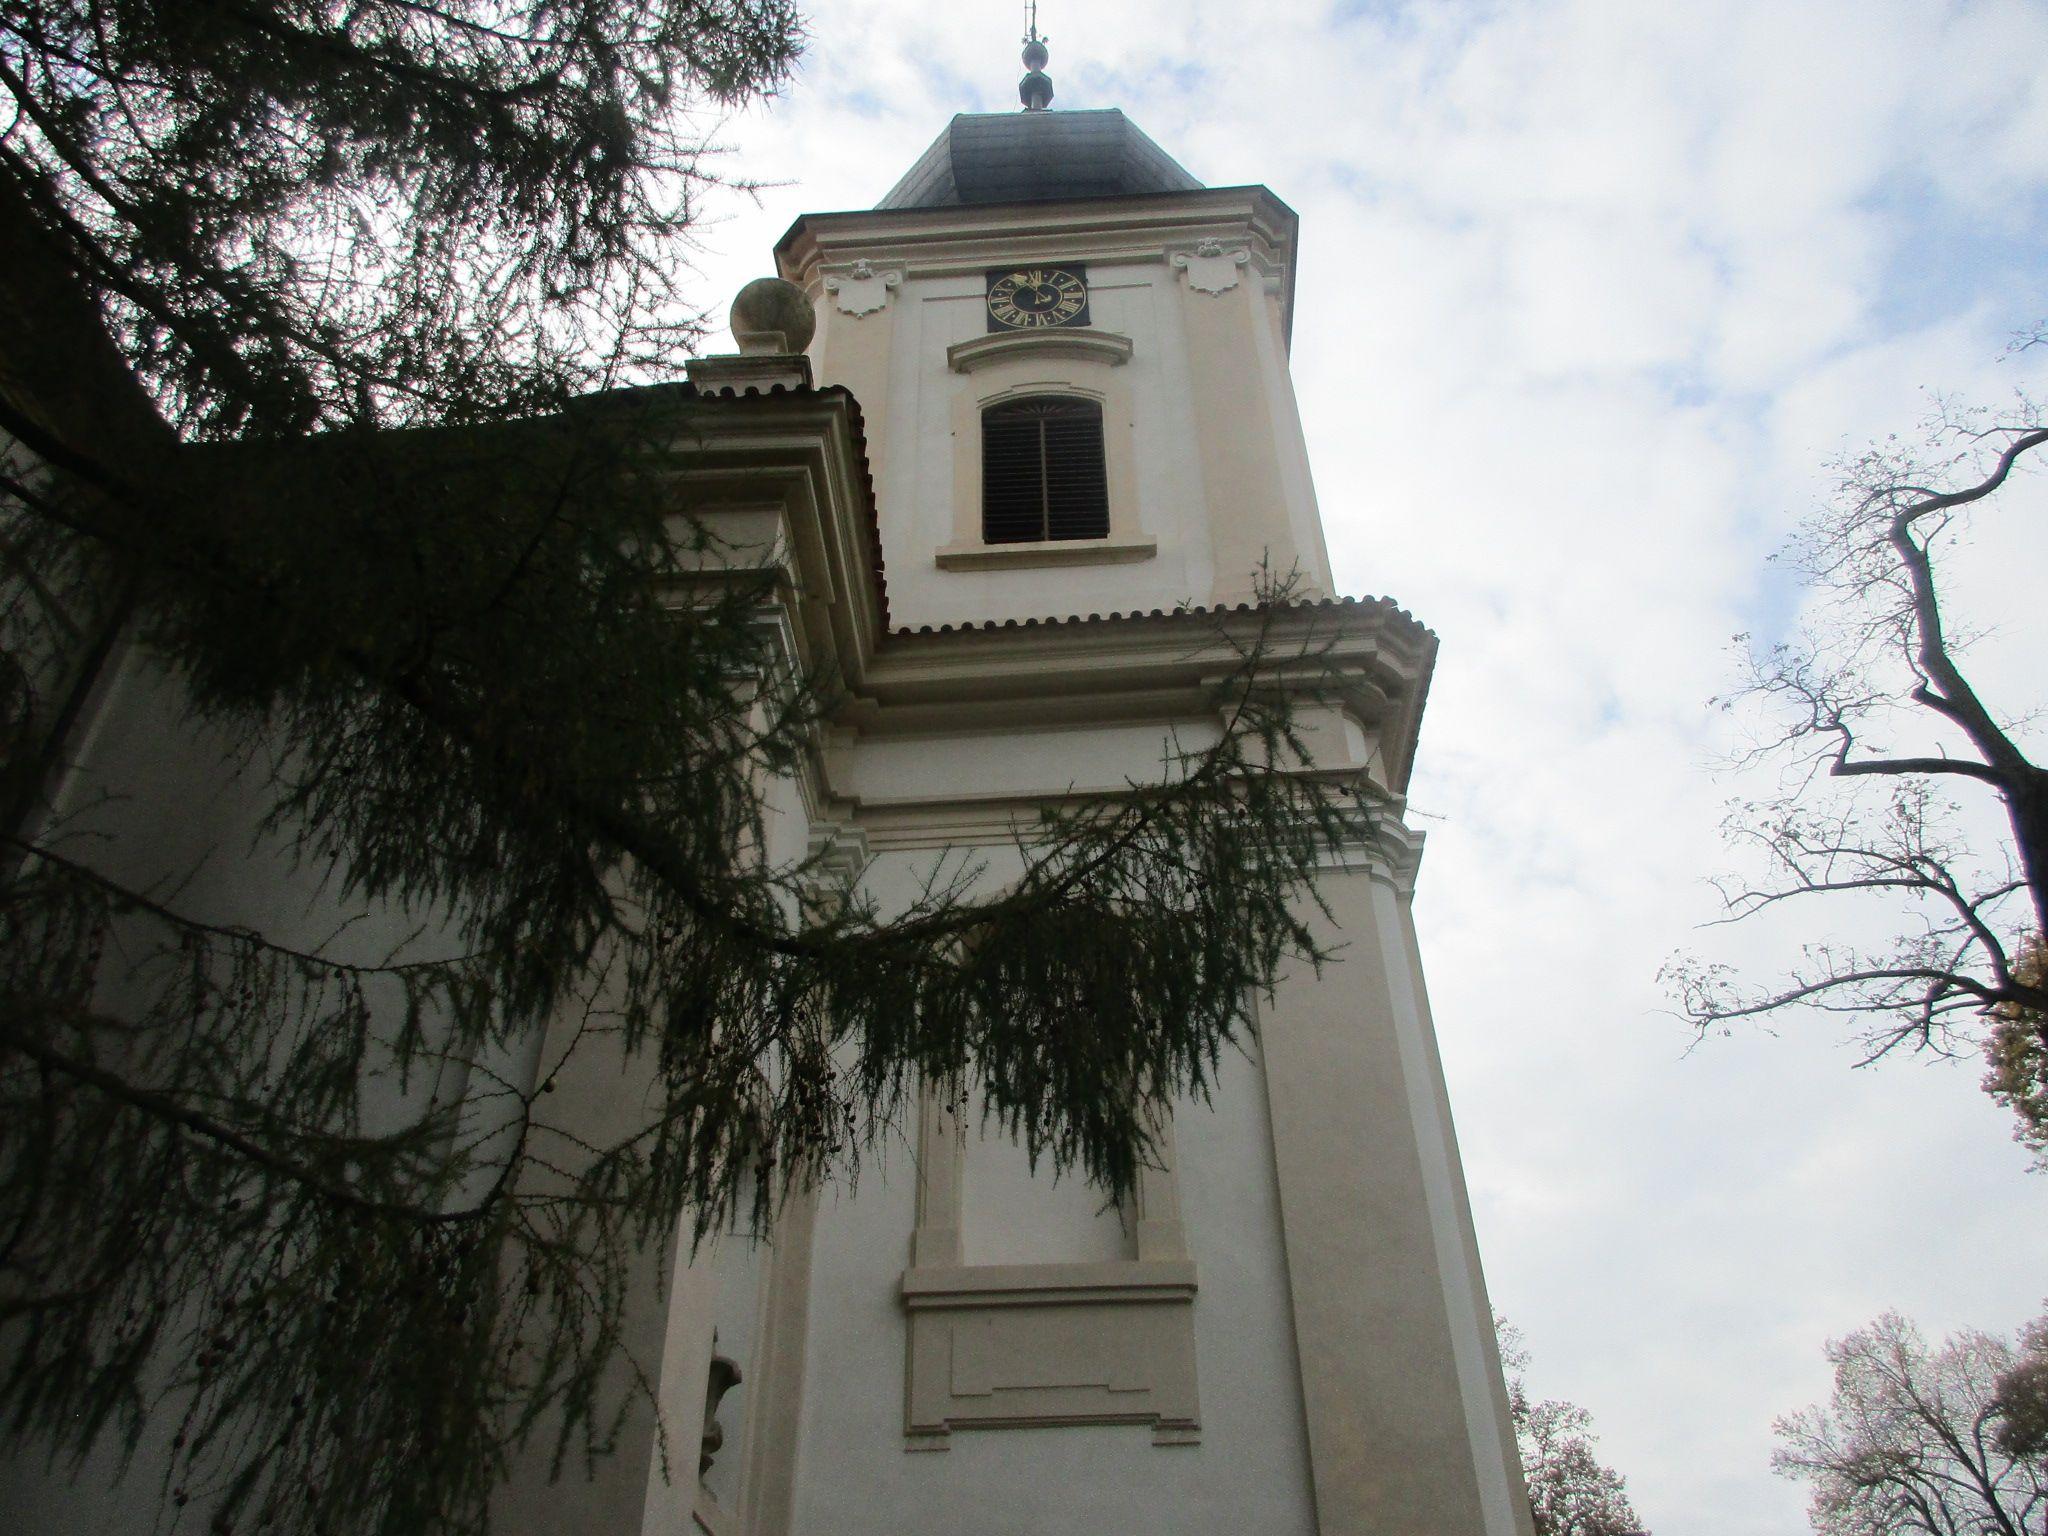 Kostel Nanebevzetí Panny Marie - zámek Loučeň - Středočeský kraj